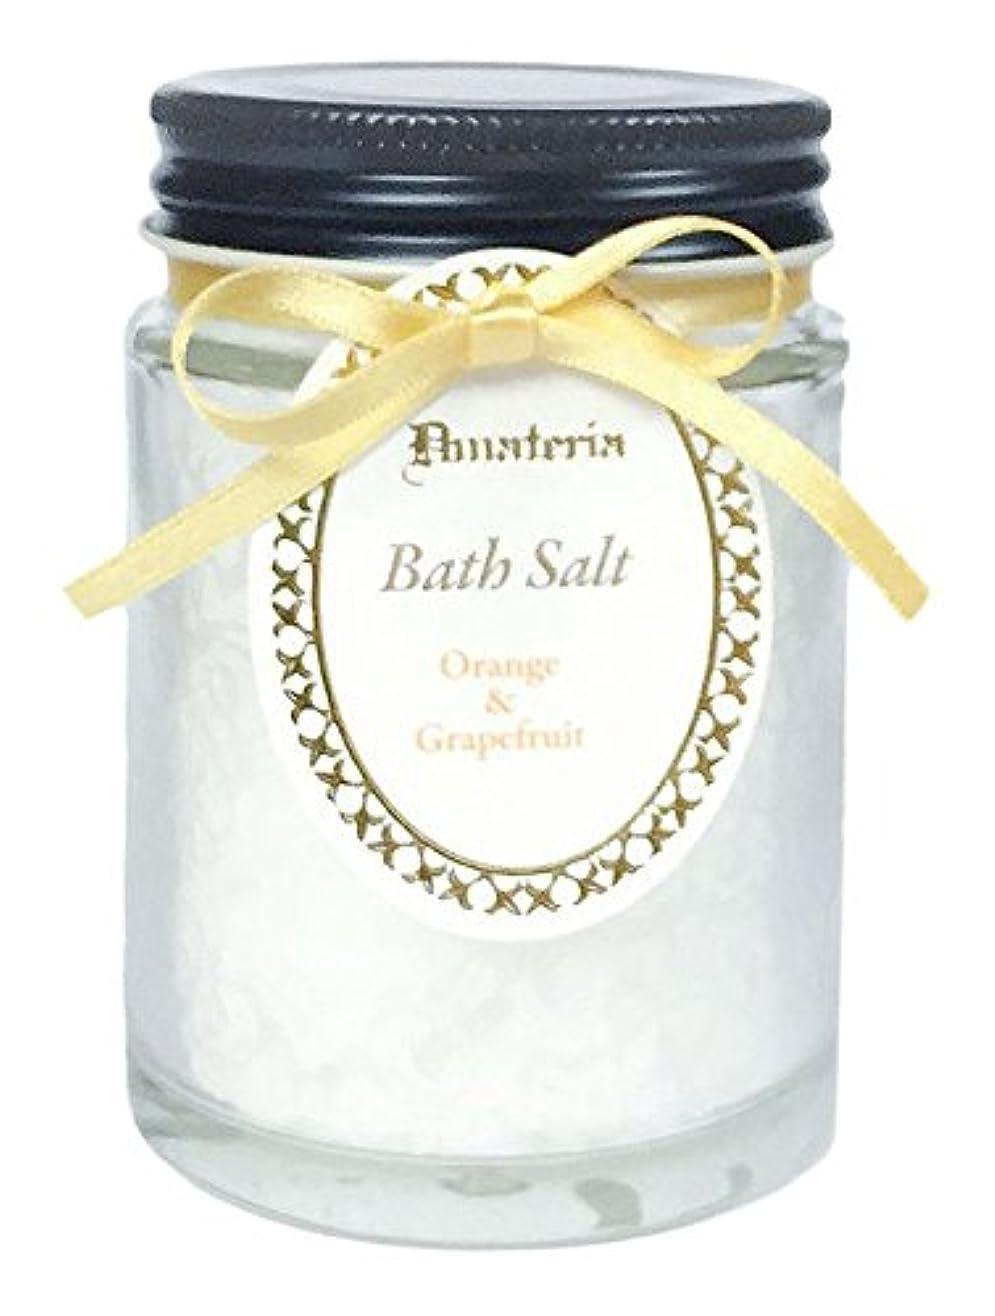 失業者メンタリティスポーツD materia バスソルト オレンジ&グレープフルーツ Orange&Grapefruit Bath Salt ディーマテリア